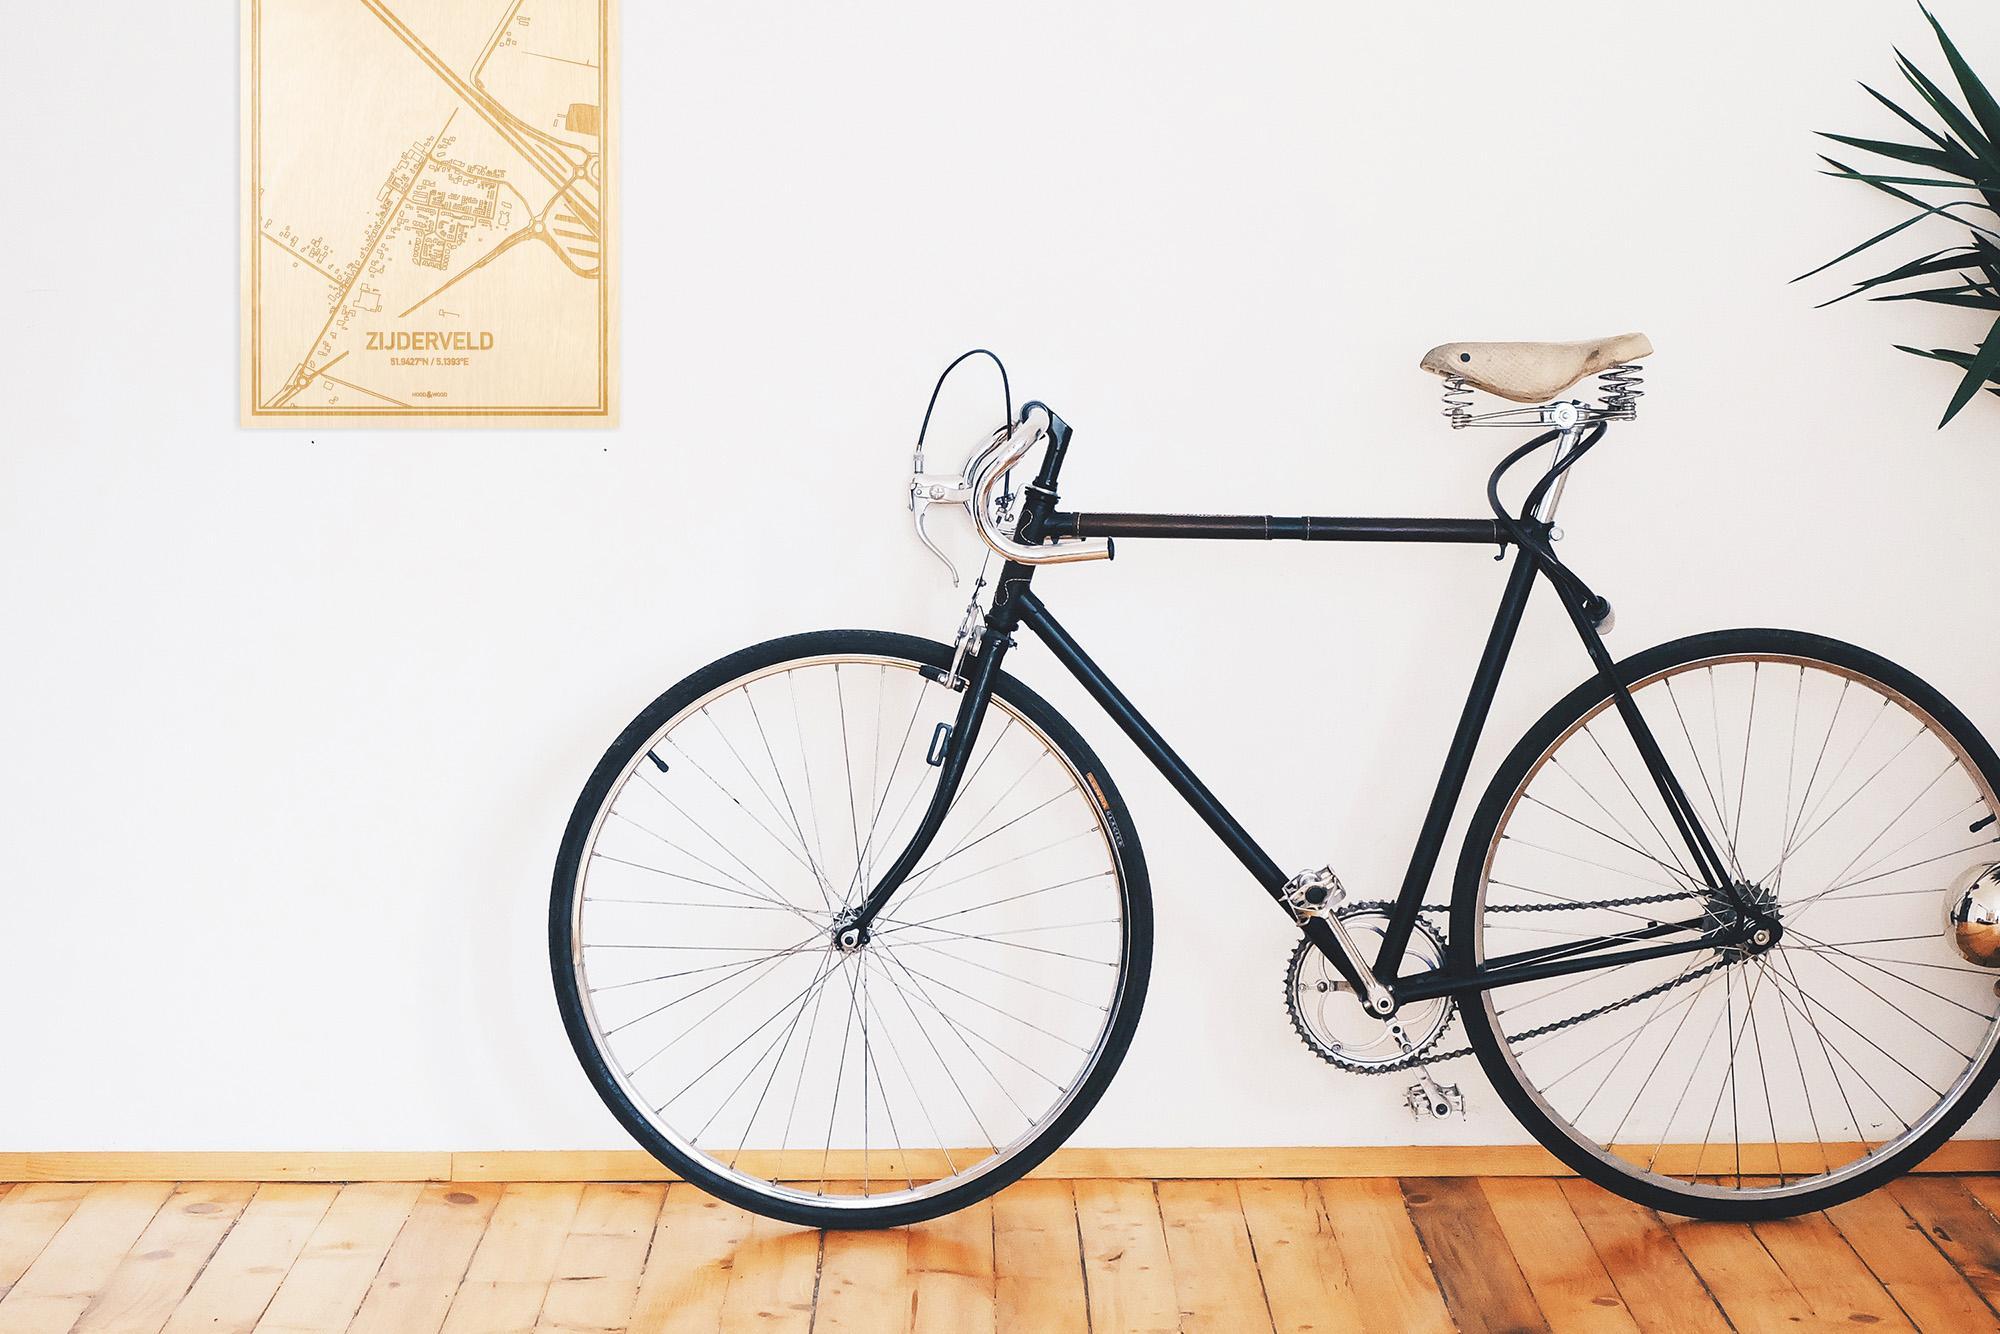 Een snelle fiets in een uniek interieur in Utrecht met mooie decoratie zoals de plattegrond Zijderveld.